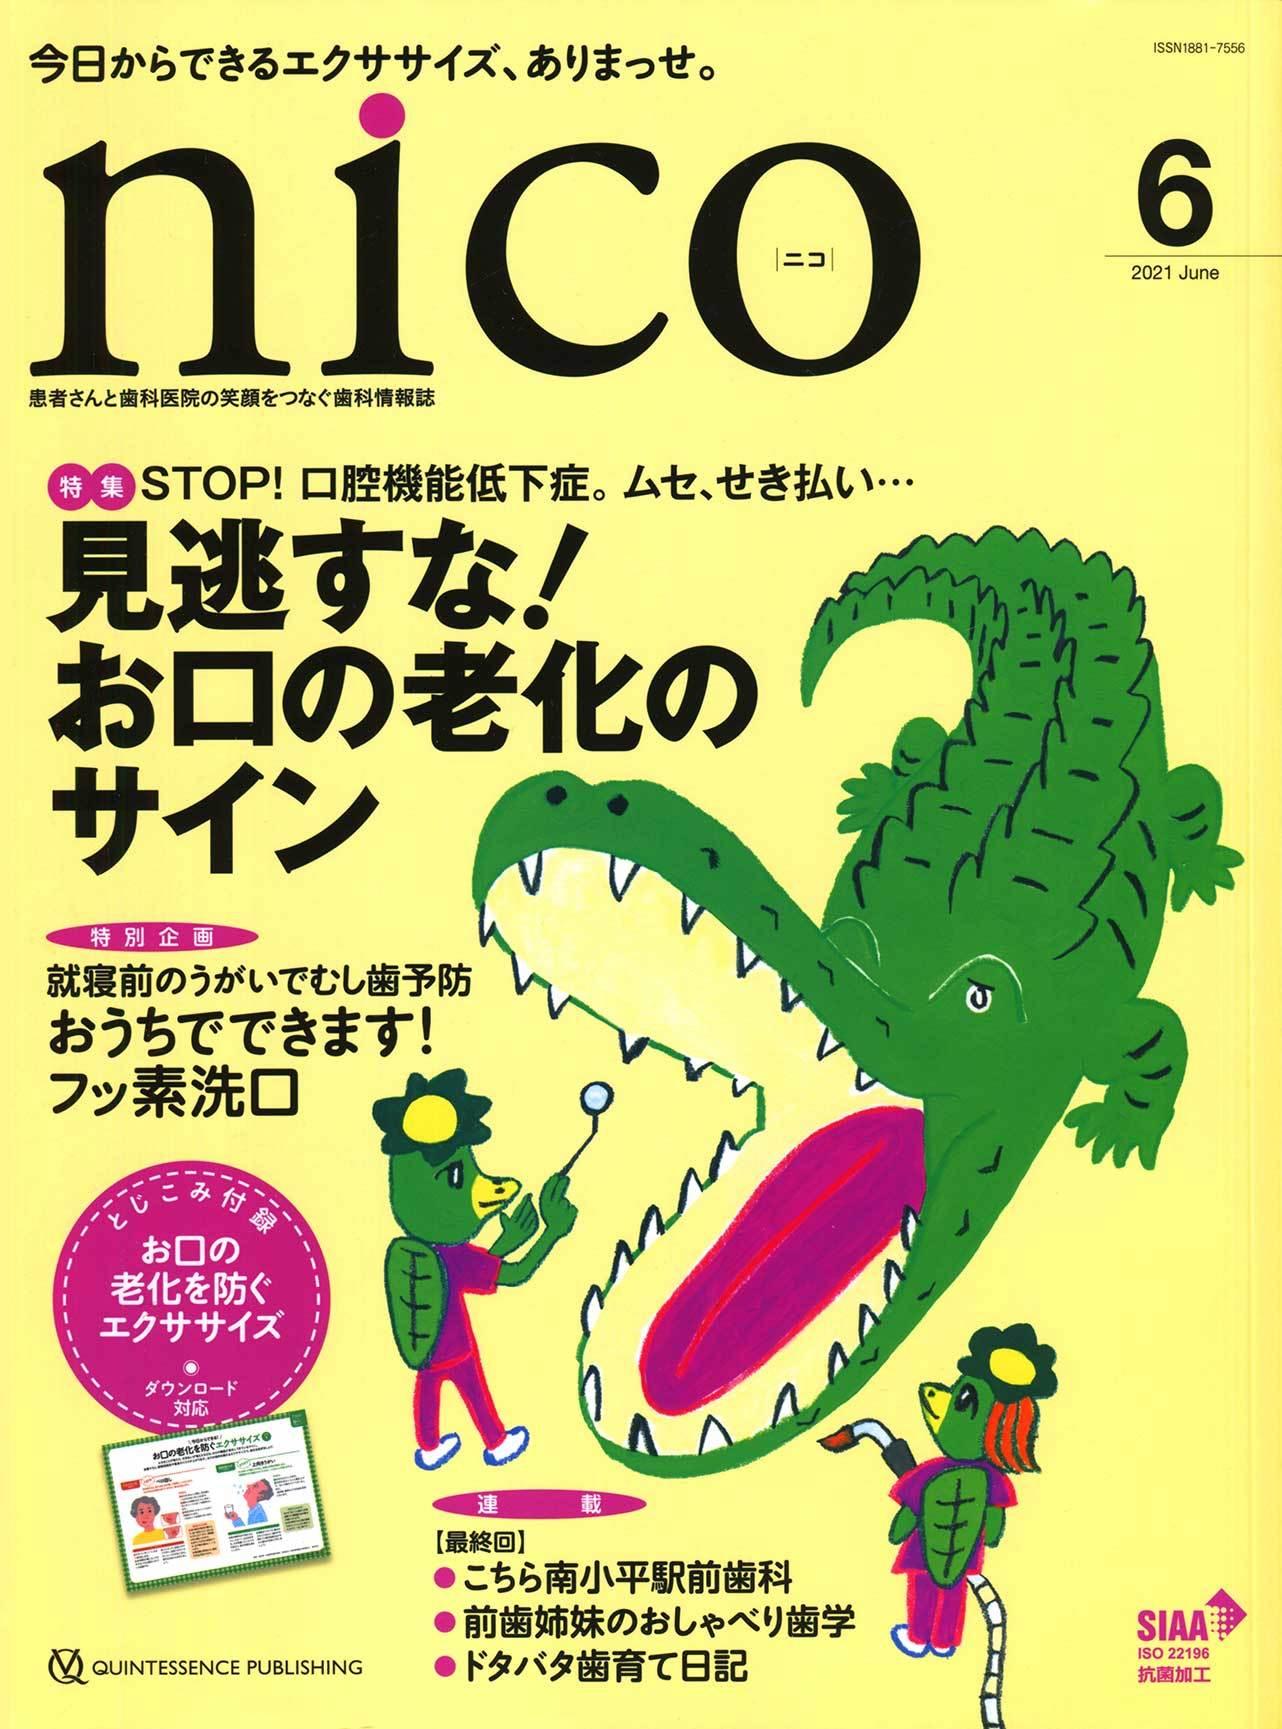 歯科情報誌 nico 2021年6月号 表紙イラストレーション_a0048227_20240952.jpg